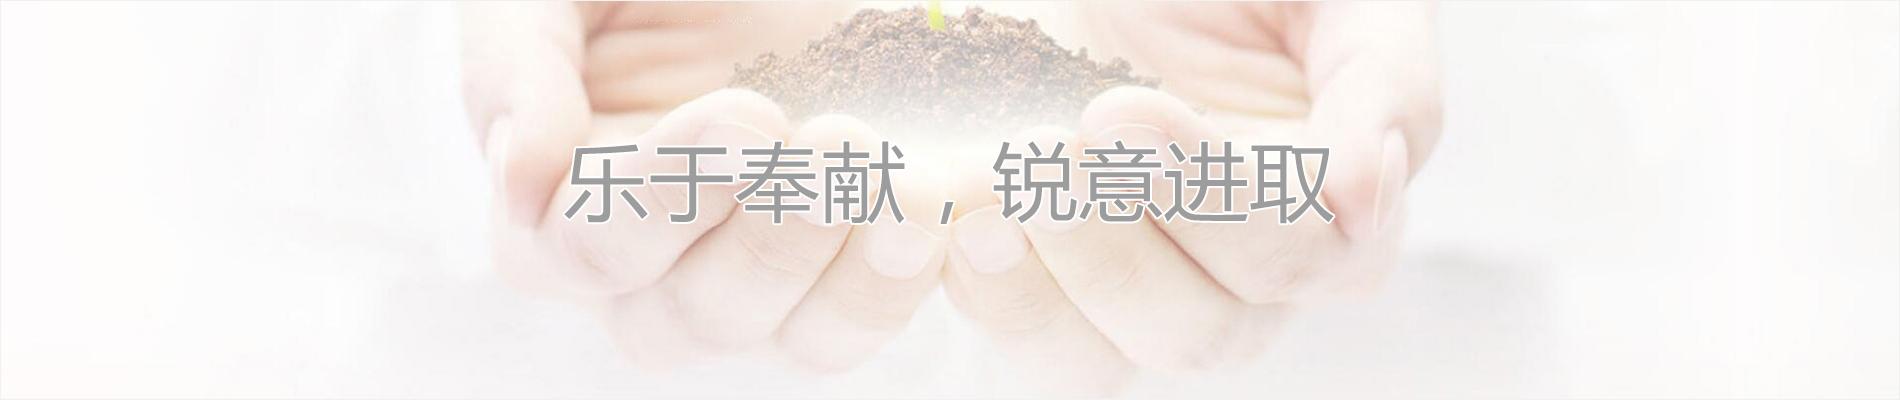 贛州新明新建筑裝飾工程有限公司